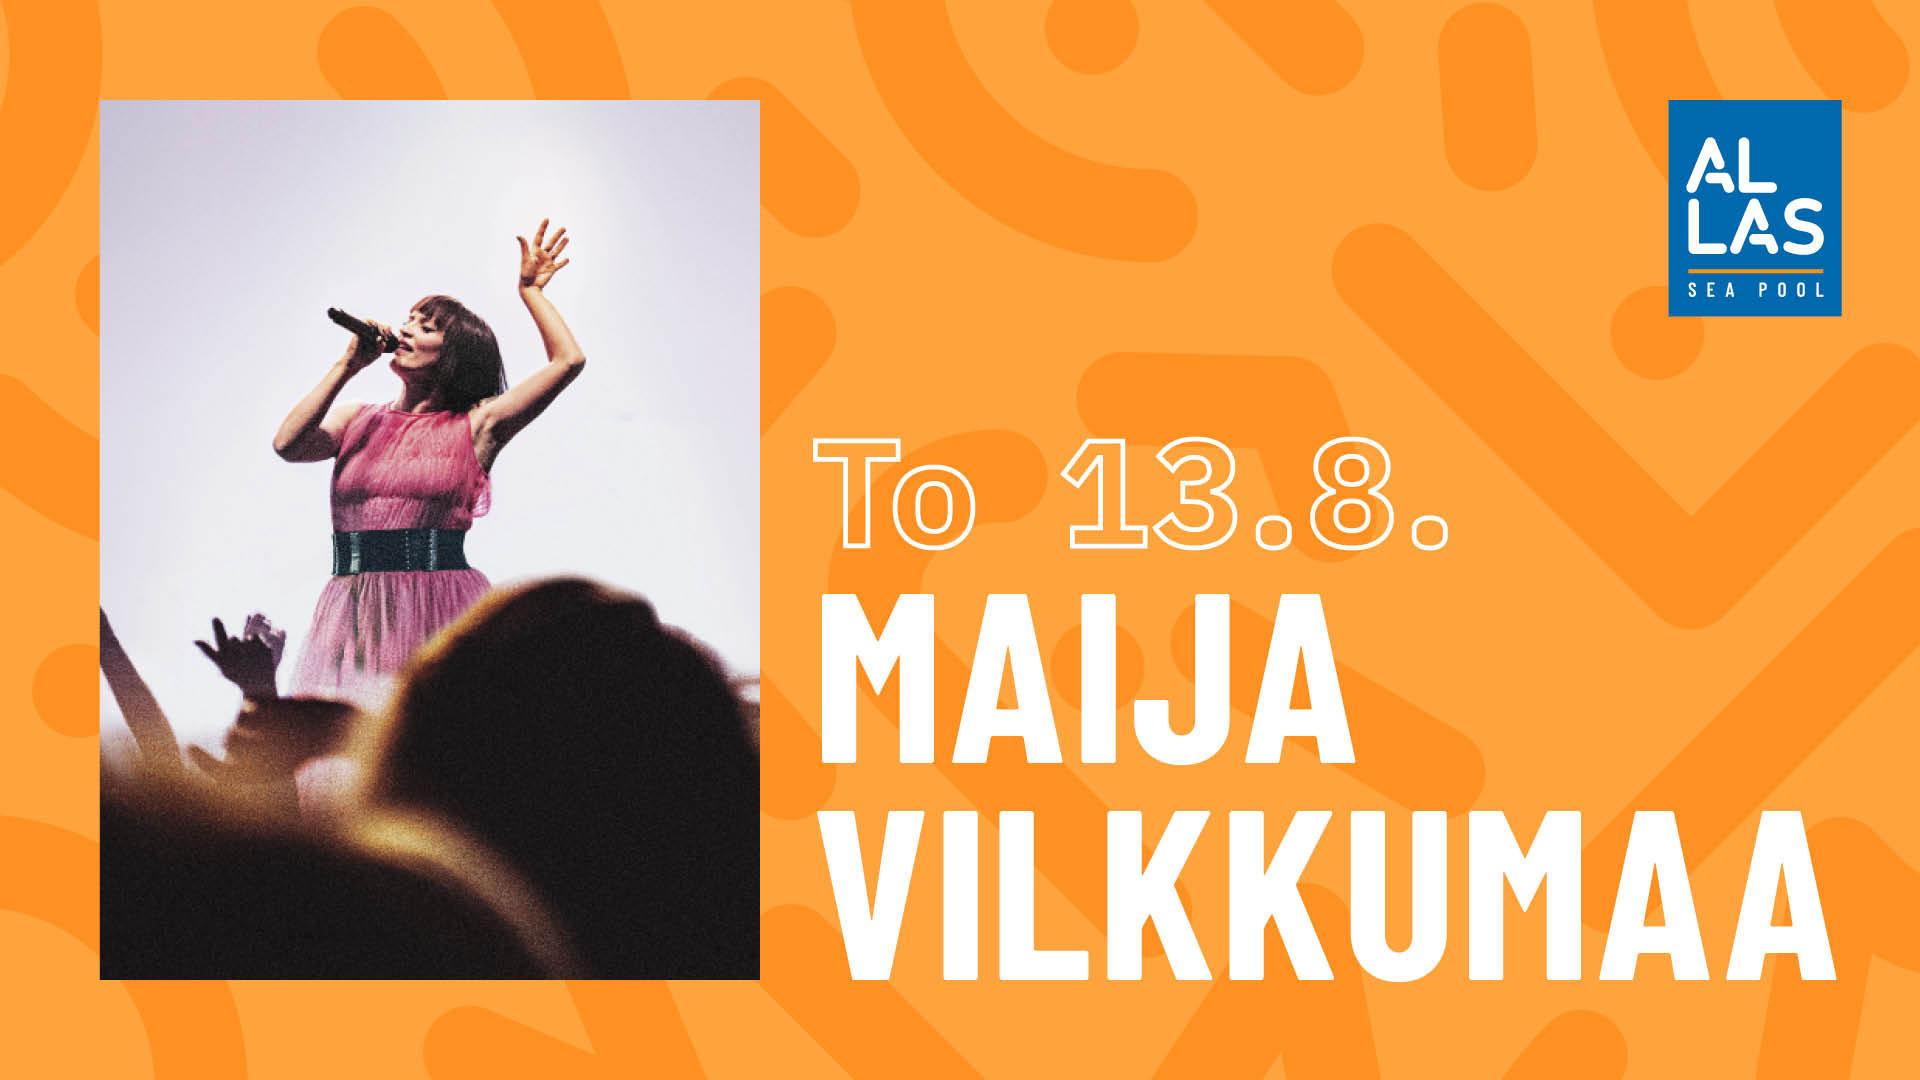 Linkki tapahtumaan Allas Live: Maija Vilkkumaa